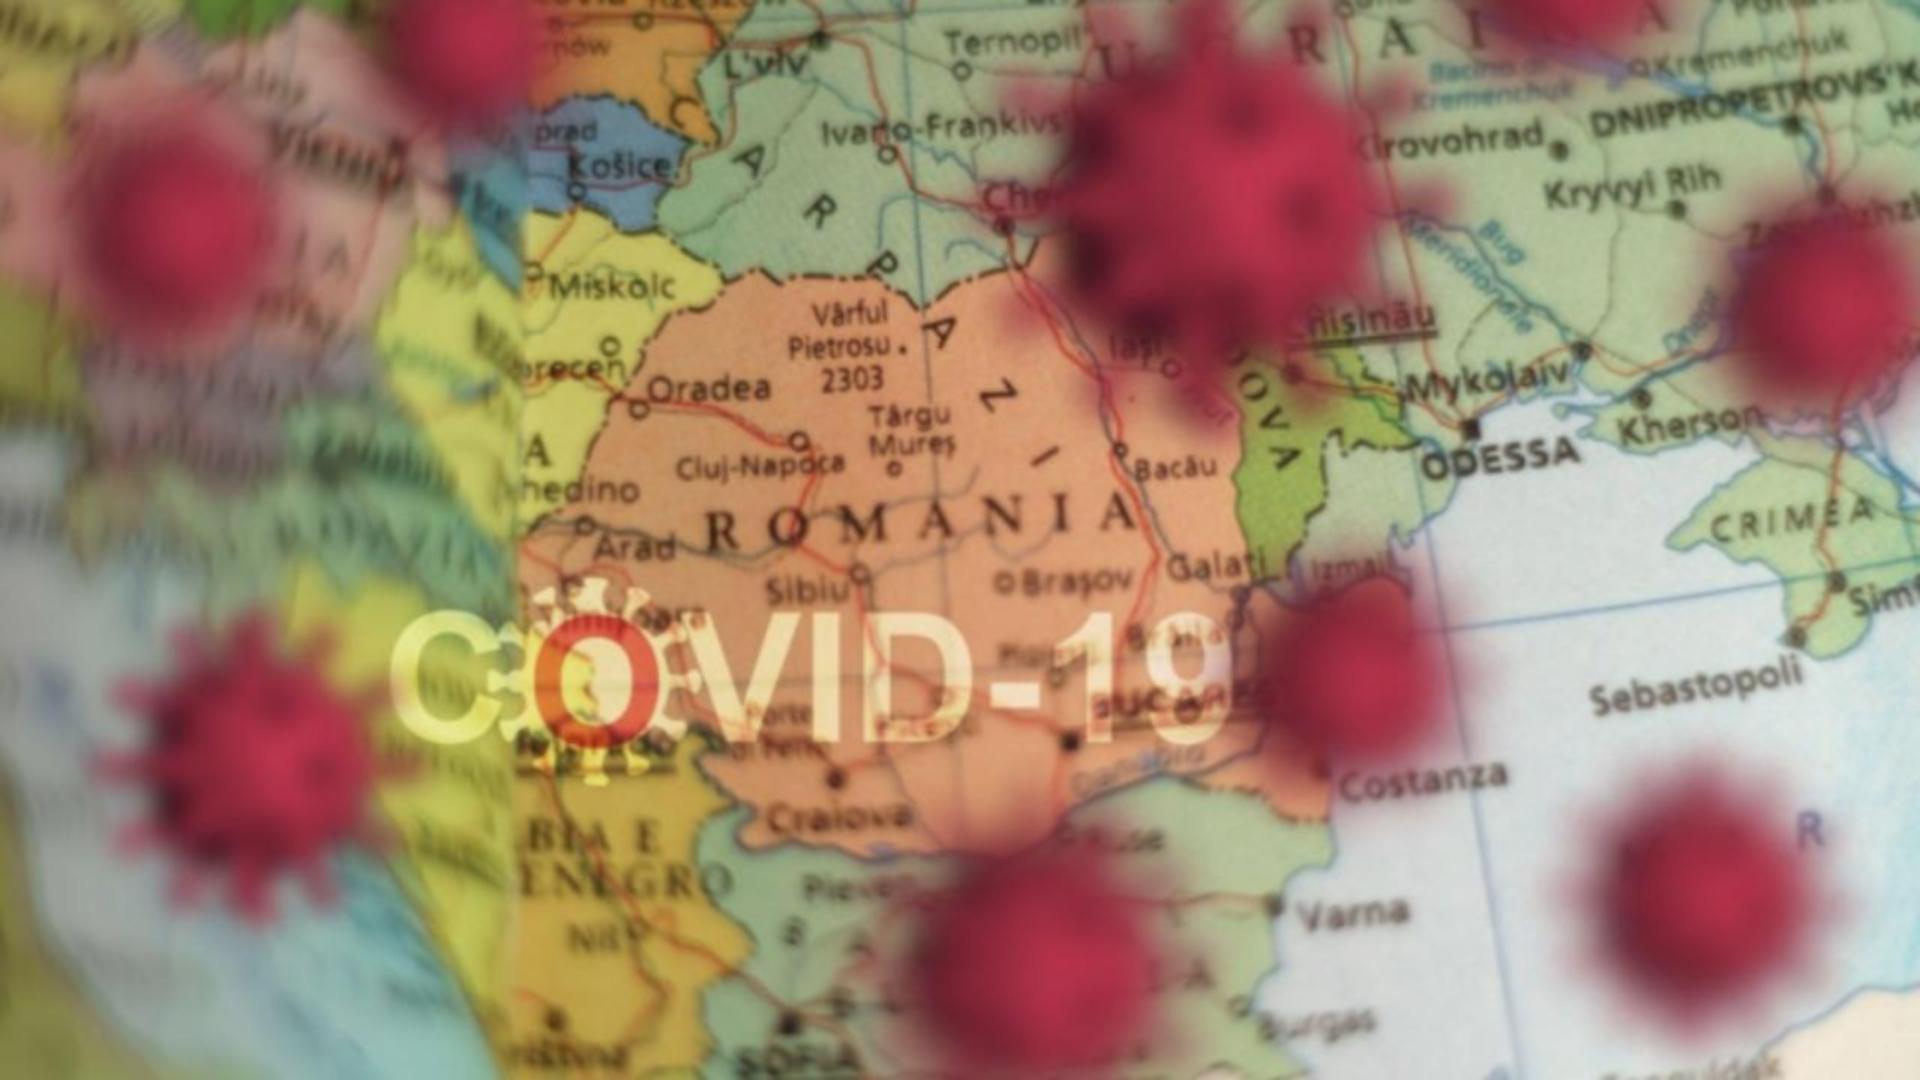 Unele țări,reintroduc restricțiile pentru a preîntâmpina valul 4 de COVID-19, mai virulent decât valurile precedente